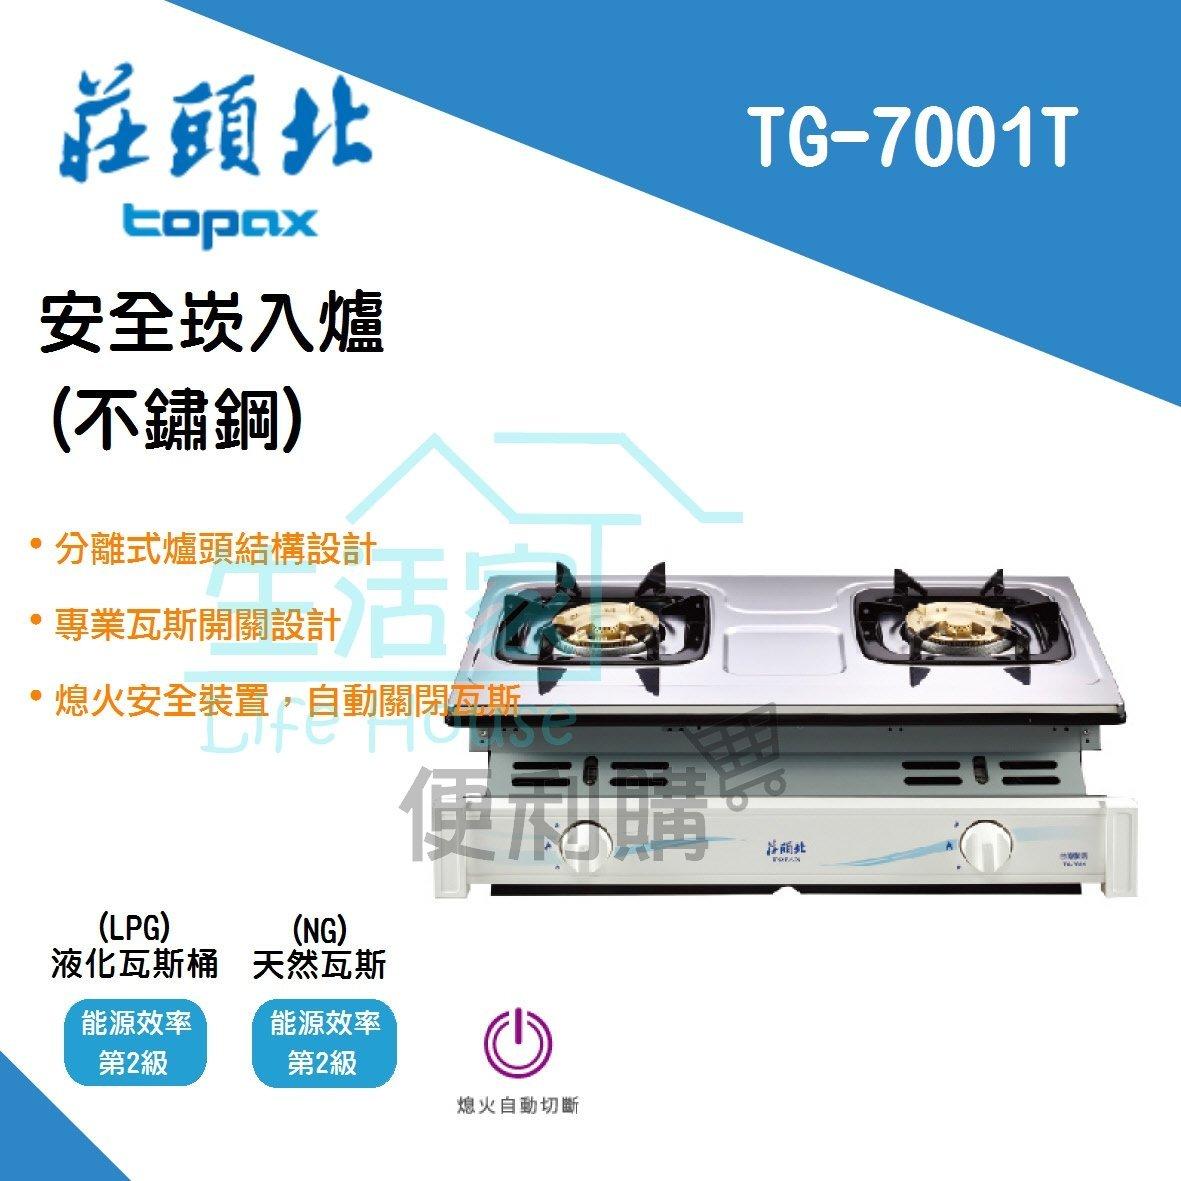 【 家便利購】《附發票》莊頭北 TG-7001T 安全二口 崁入爐(不鏽鋼) 分離式爐頭 瓦斯爐